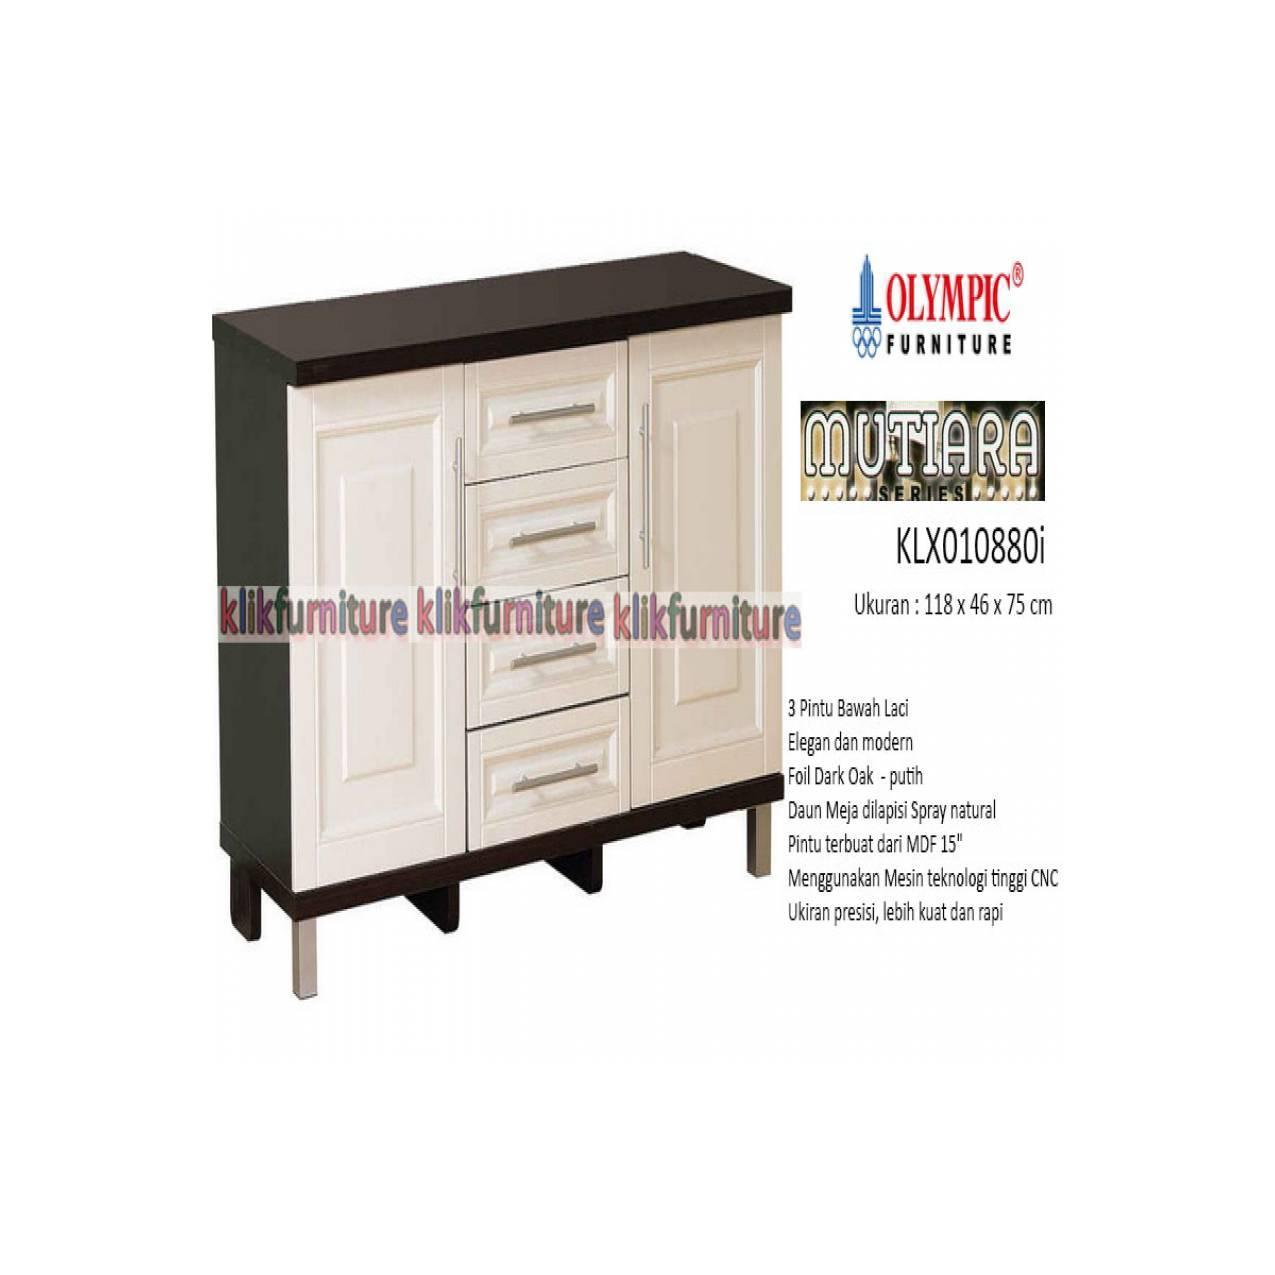 KLX 010880i Olympic Mutiara Kitchen Set Bawah 3 Pintu